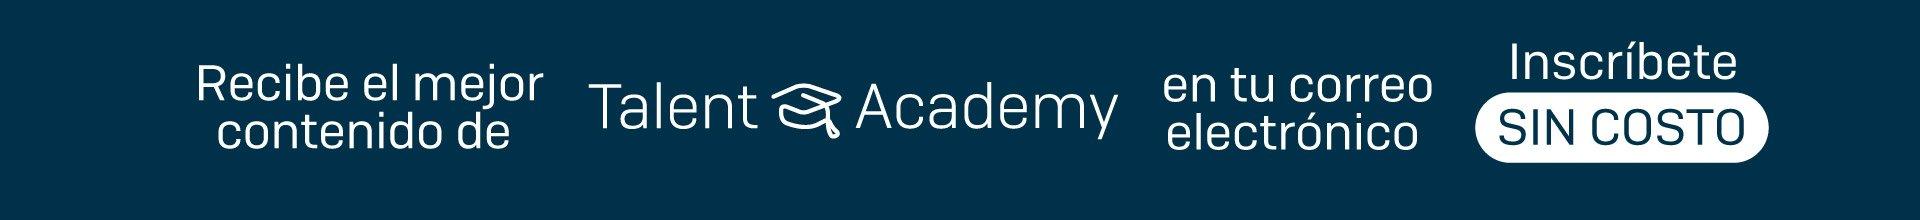 Recibe el mejor contenido de Talent Academy en tu correo electrónico SIN COSTO